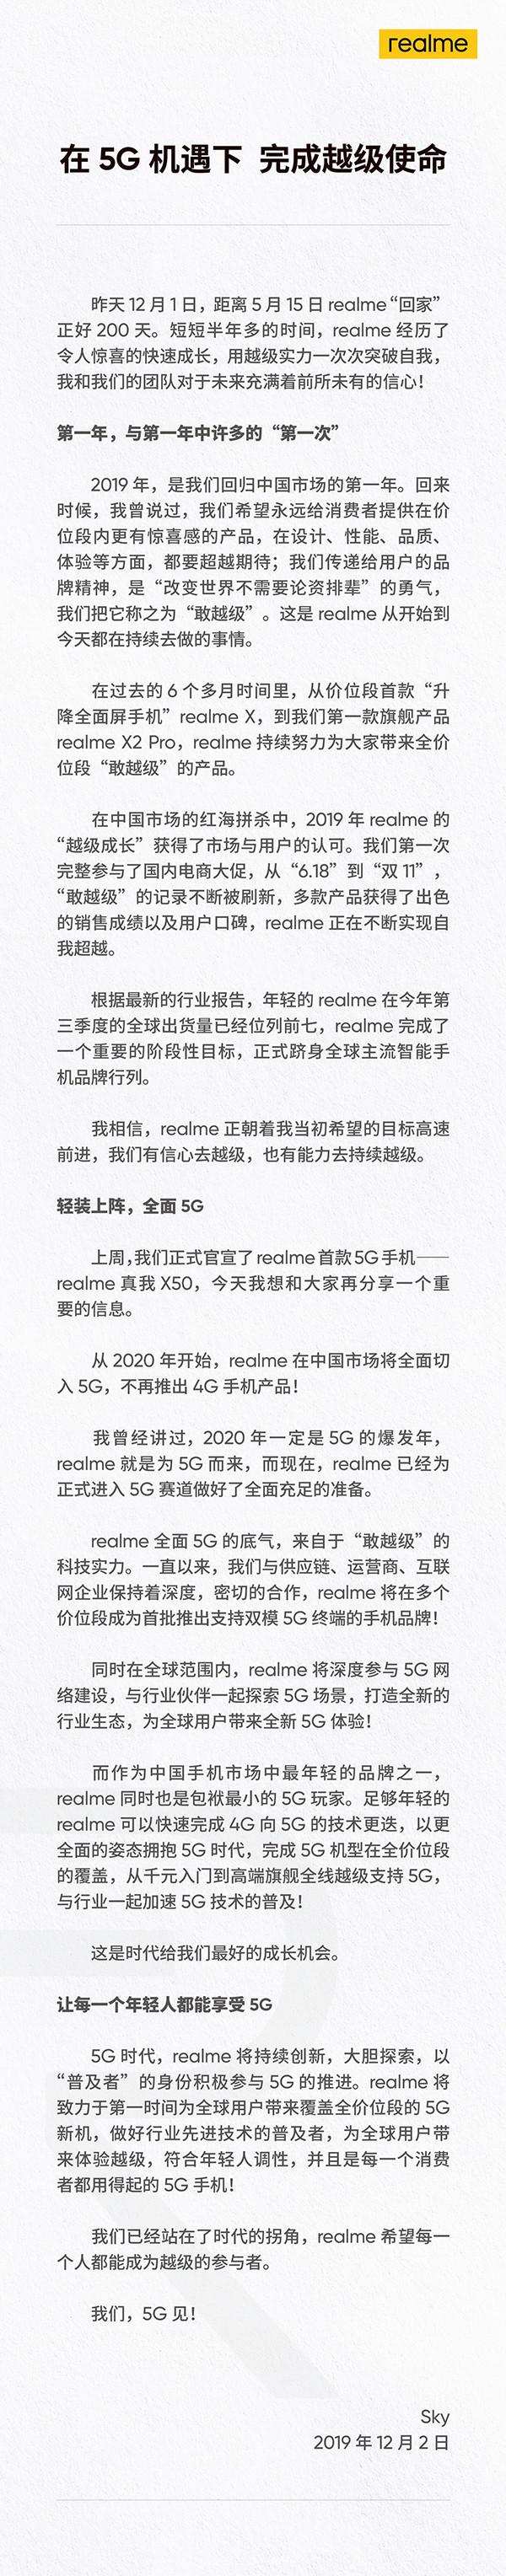 realme CEO李炳忠 2020年realme将成5G手机普及者